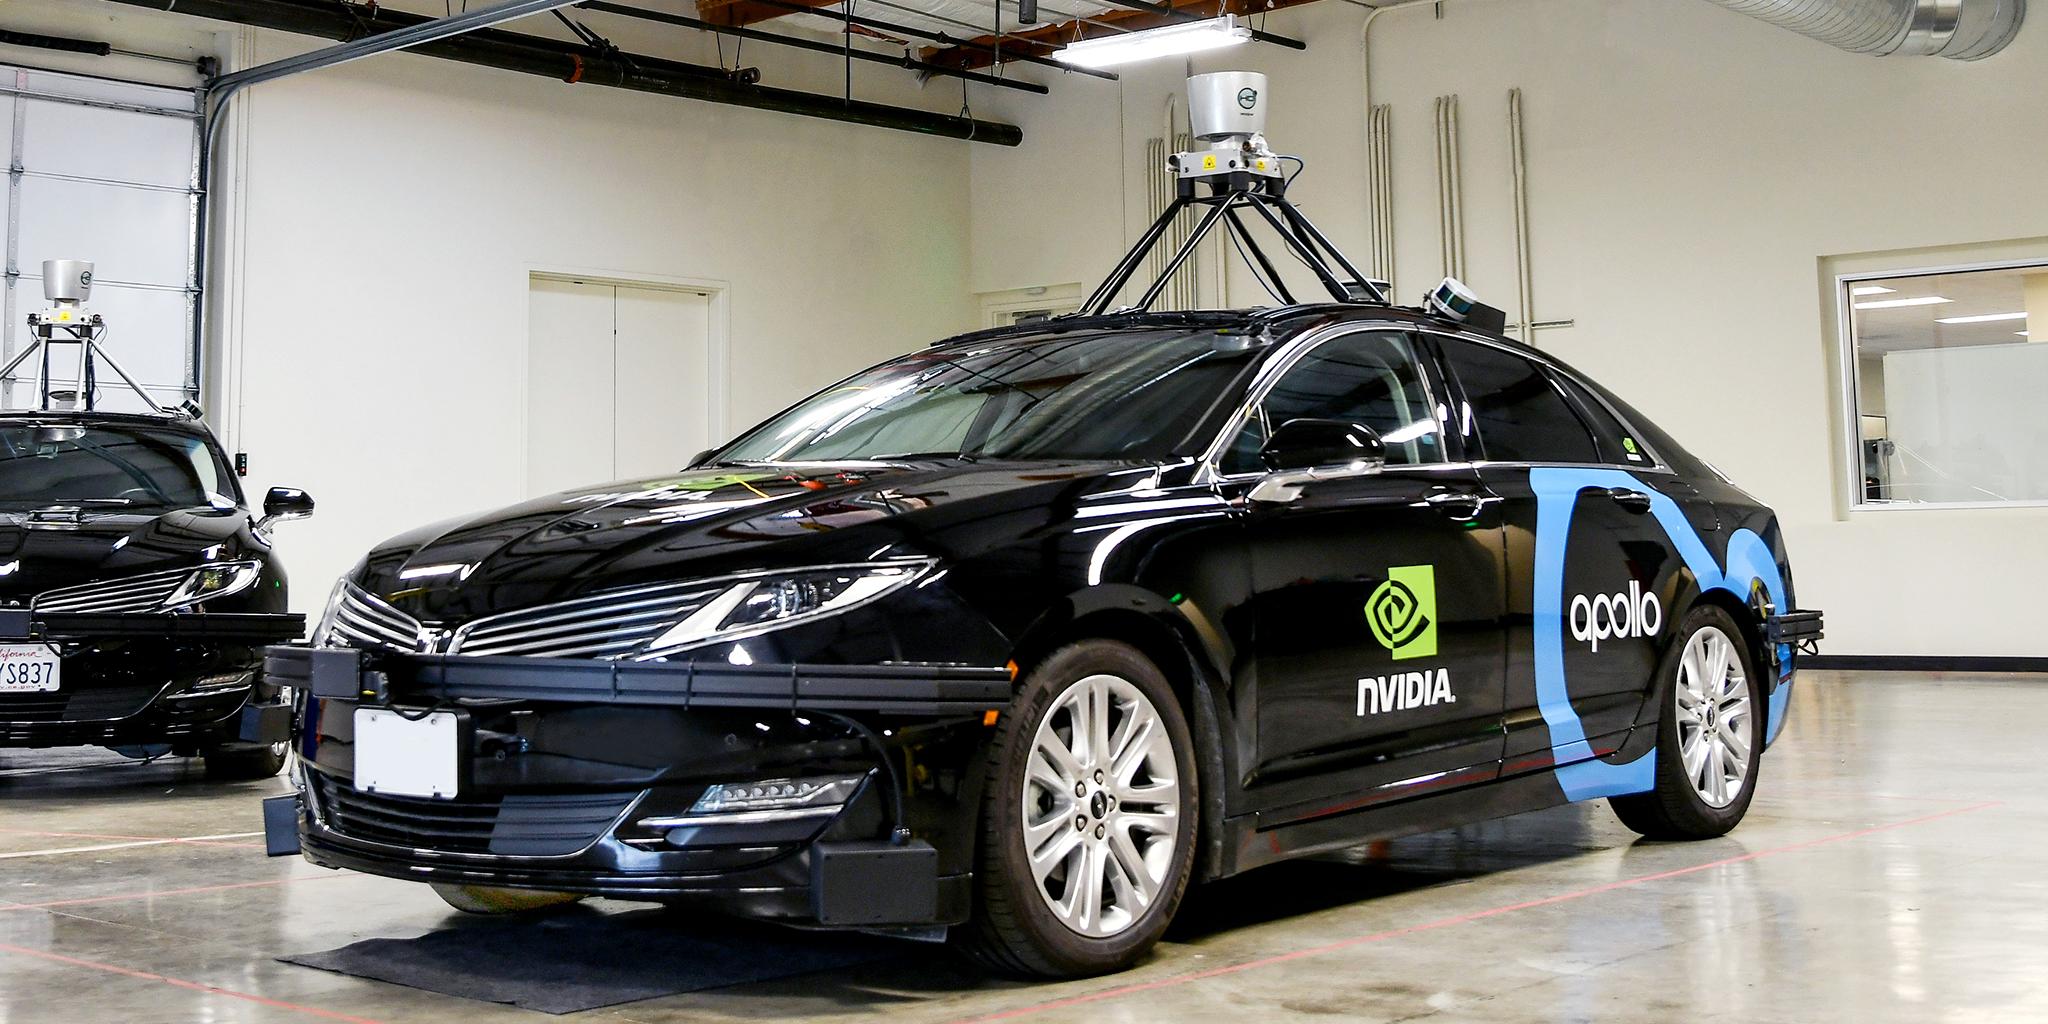 Nvidia se aliază cu Uber și Volkswagen pentru mașini autonome. de asemenea, motorul chinez de căutare Baidu va folosi tehnologia Nvidia